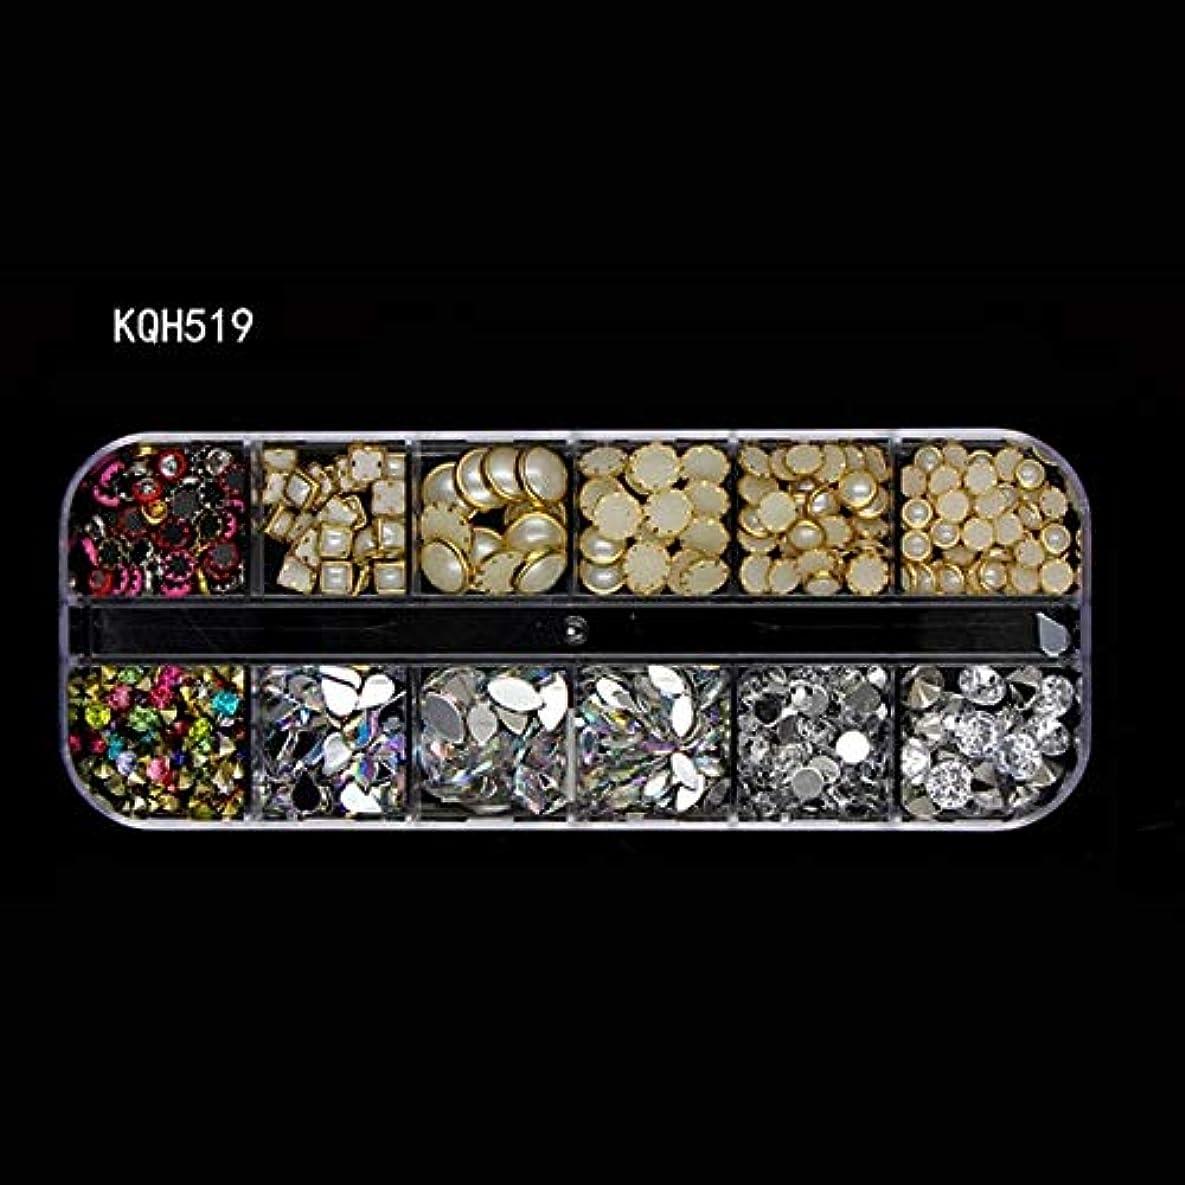 Yan 3ピースラインストーン3dクリスタルクリアストーン宝石真珠diyネイルアートデコレーション(KQH465) (色 : KQH519)